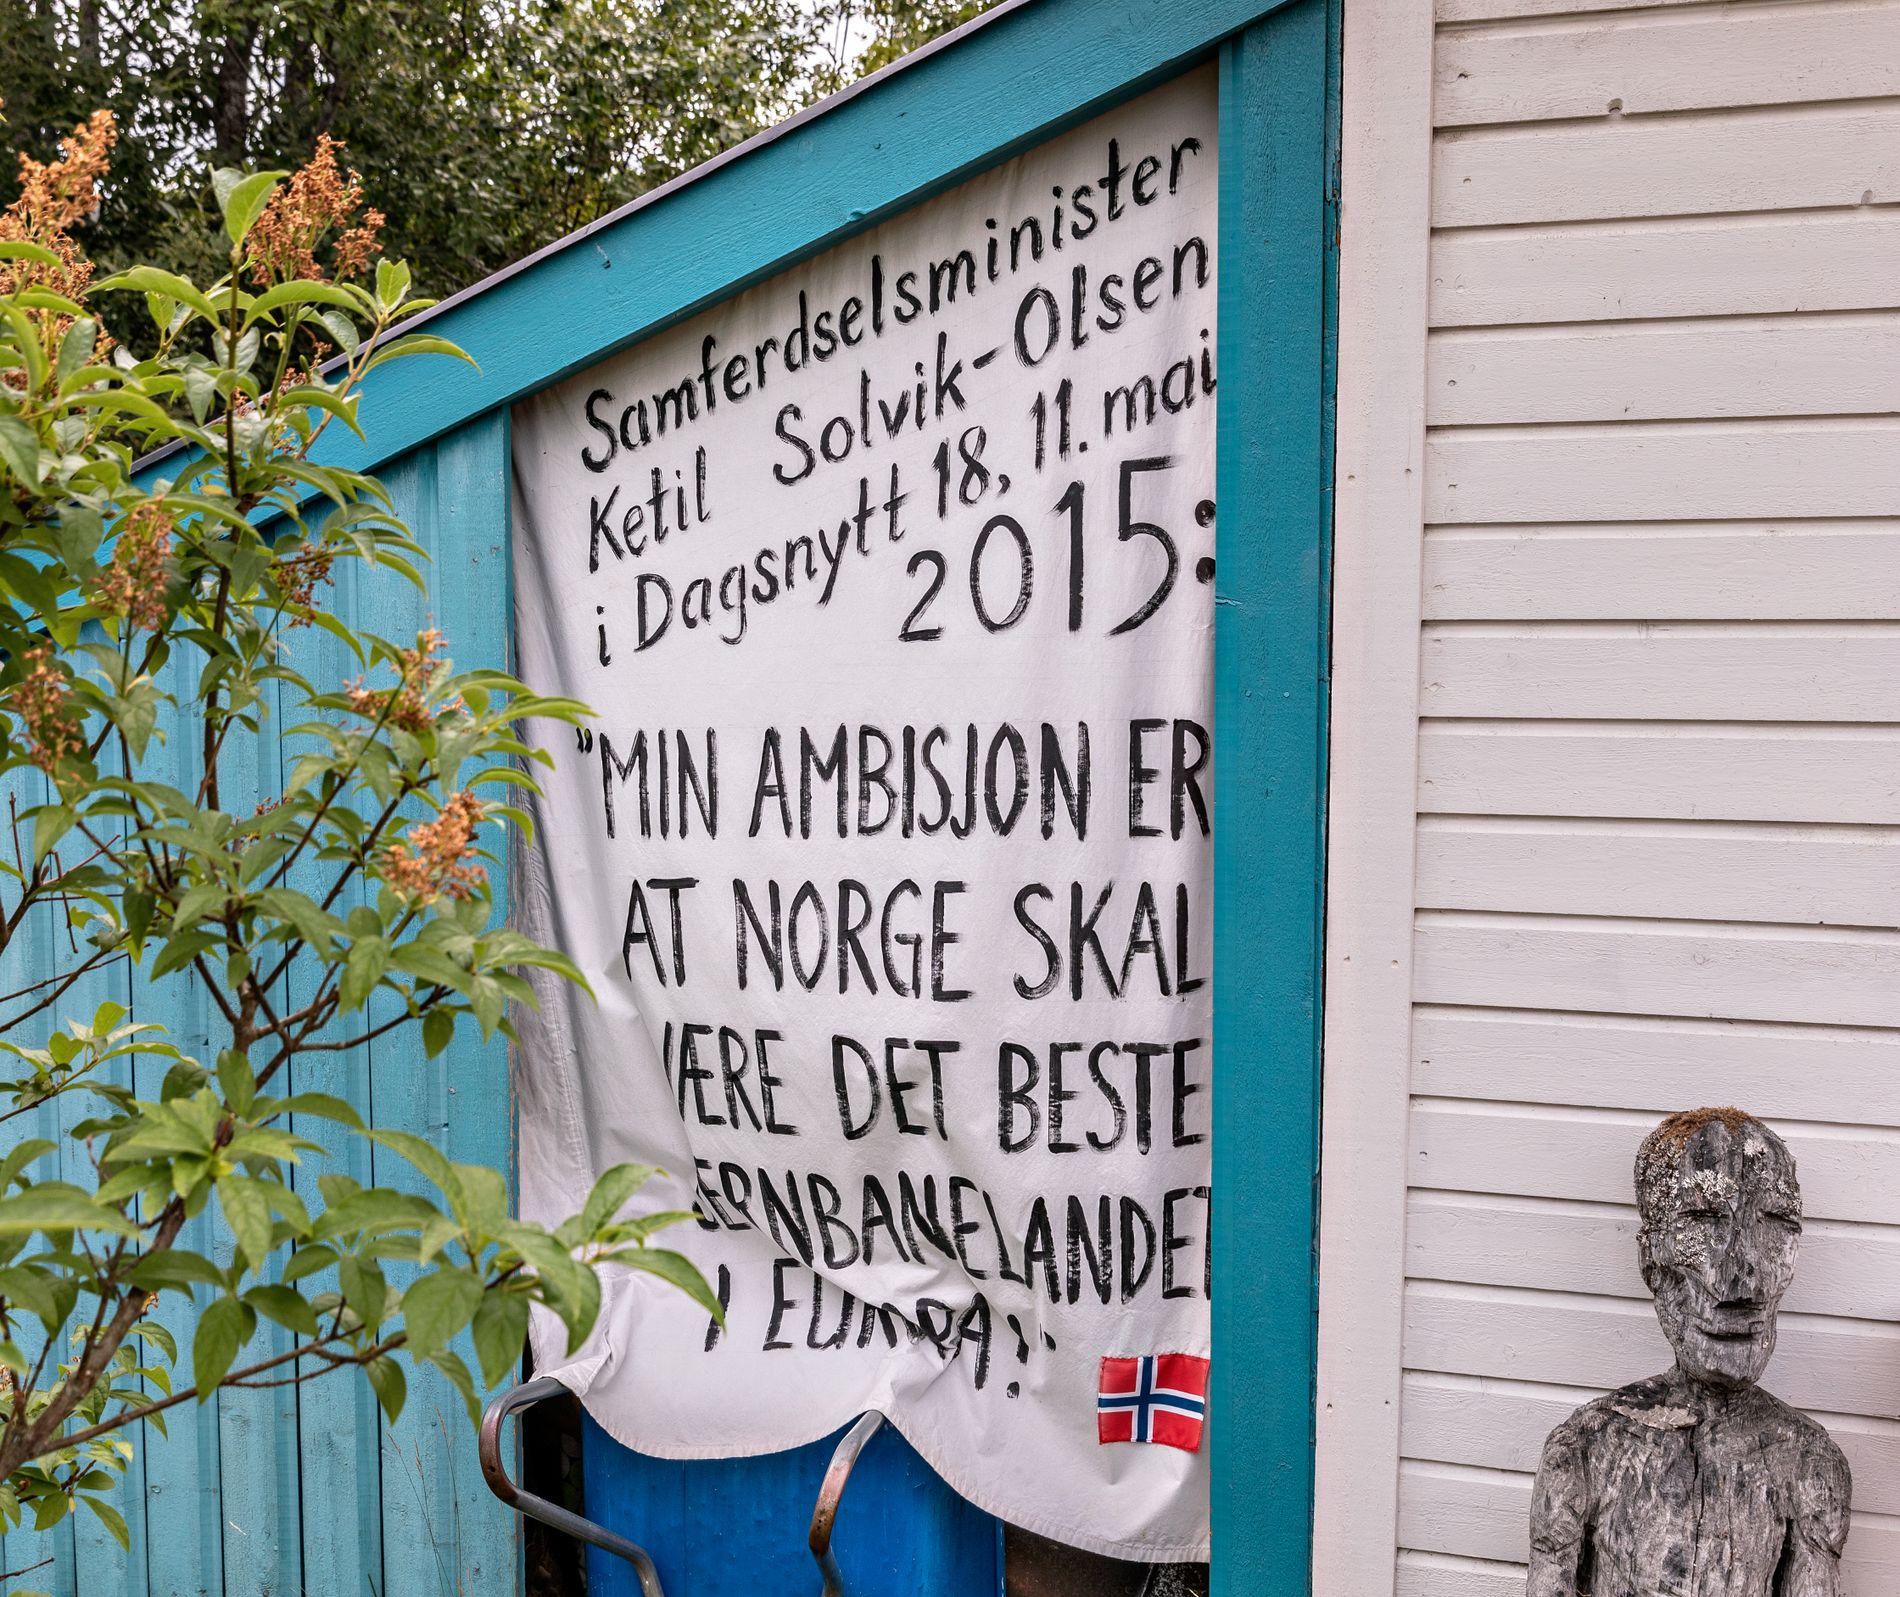 PÅMINNELSEN: I 2015 sa daværende samferdselsminister Ketil Solvik Olsen at Norge skulle være det beste jernbanelandet i Europa. Glemte han Nord-Norge? undrer Hilde Sagland.